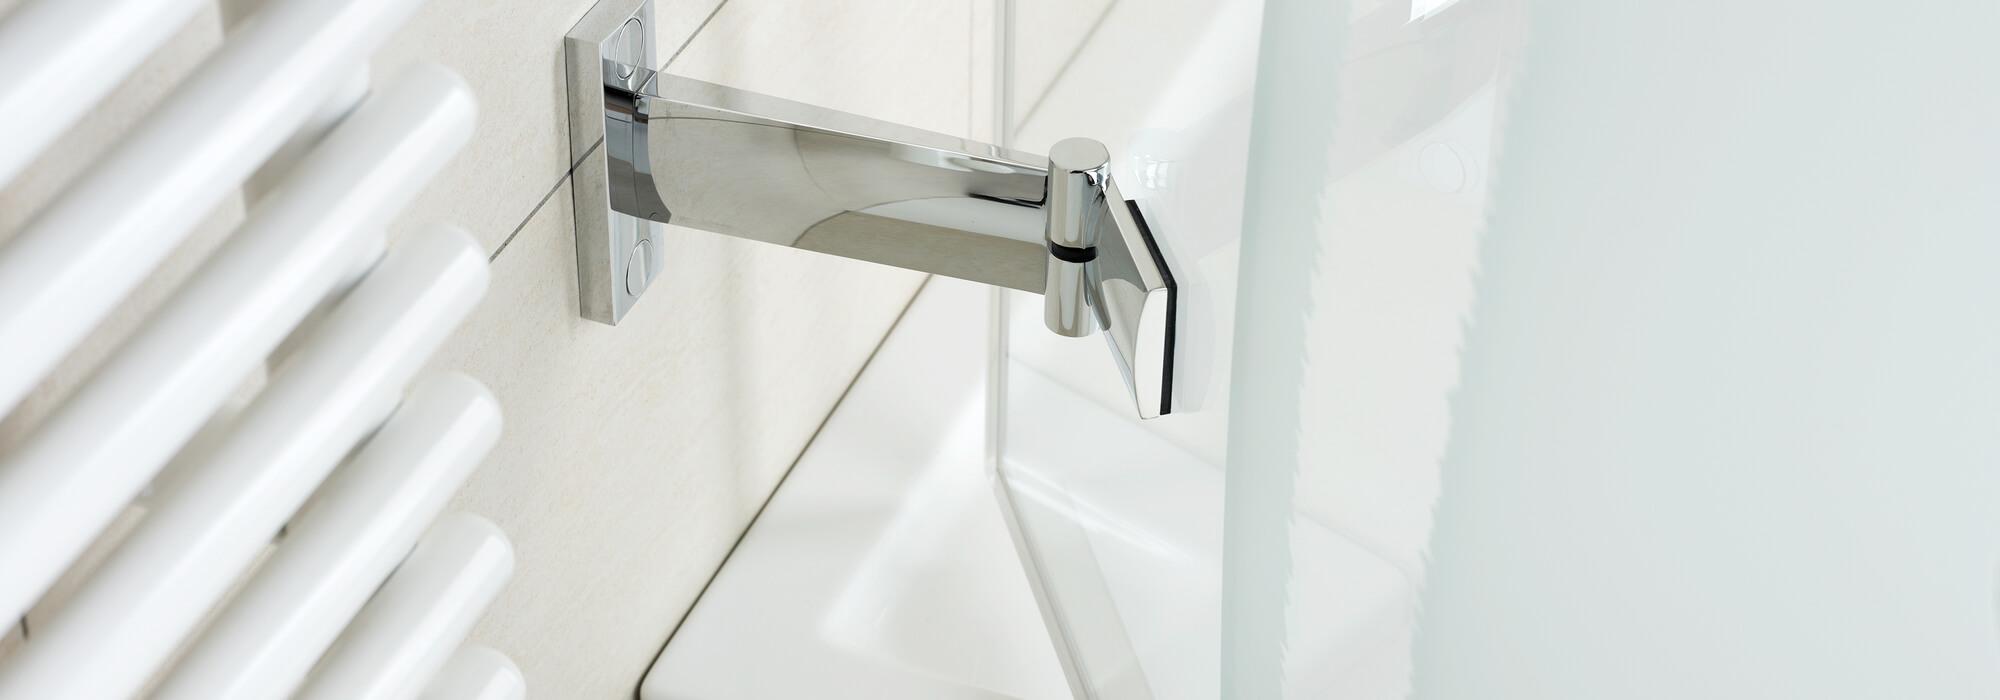 Full Size of Sprinz Duschen Glasdusche Bs Dusche 75 150 Bodengleiche Schulte Werksverkauf Hsk Hüppe Begehbare Kaufen Moderne Breuer Dusche Sprinz Duschen